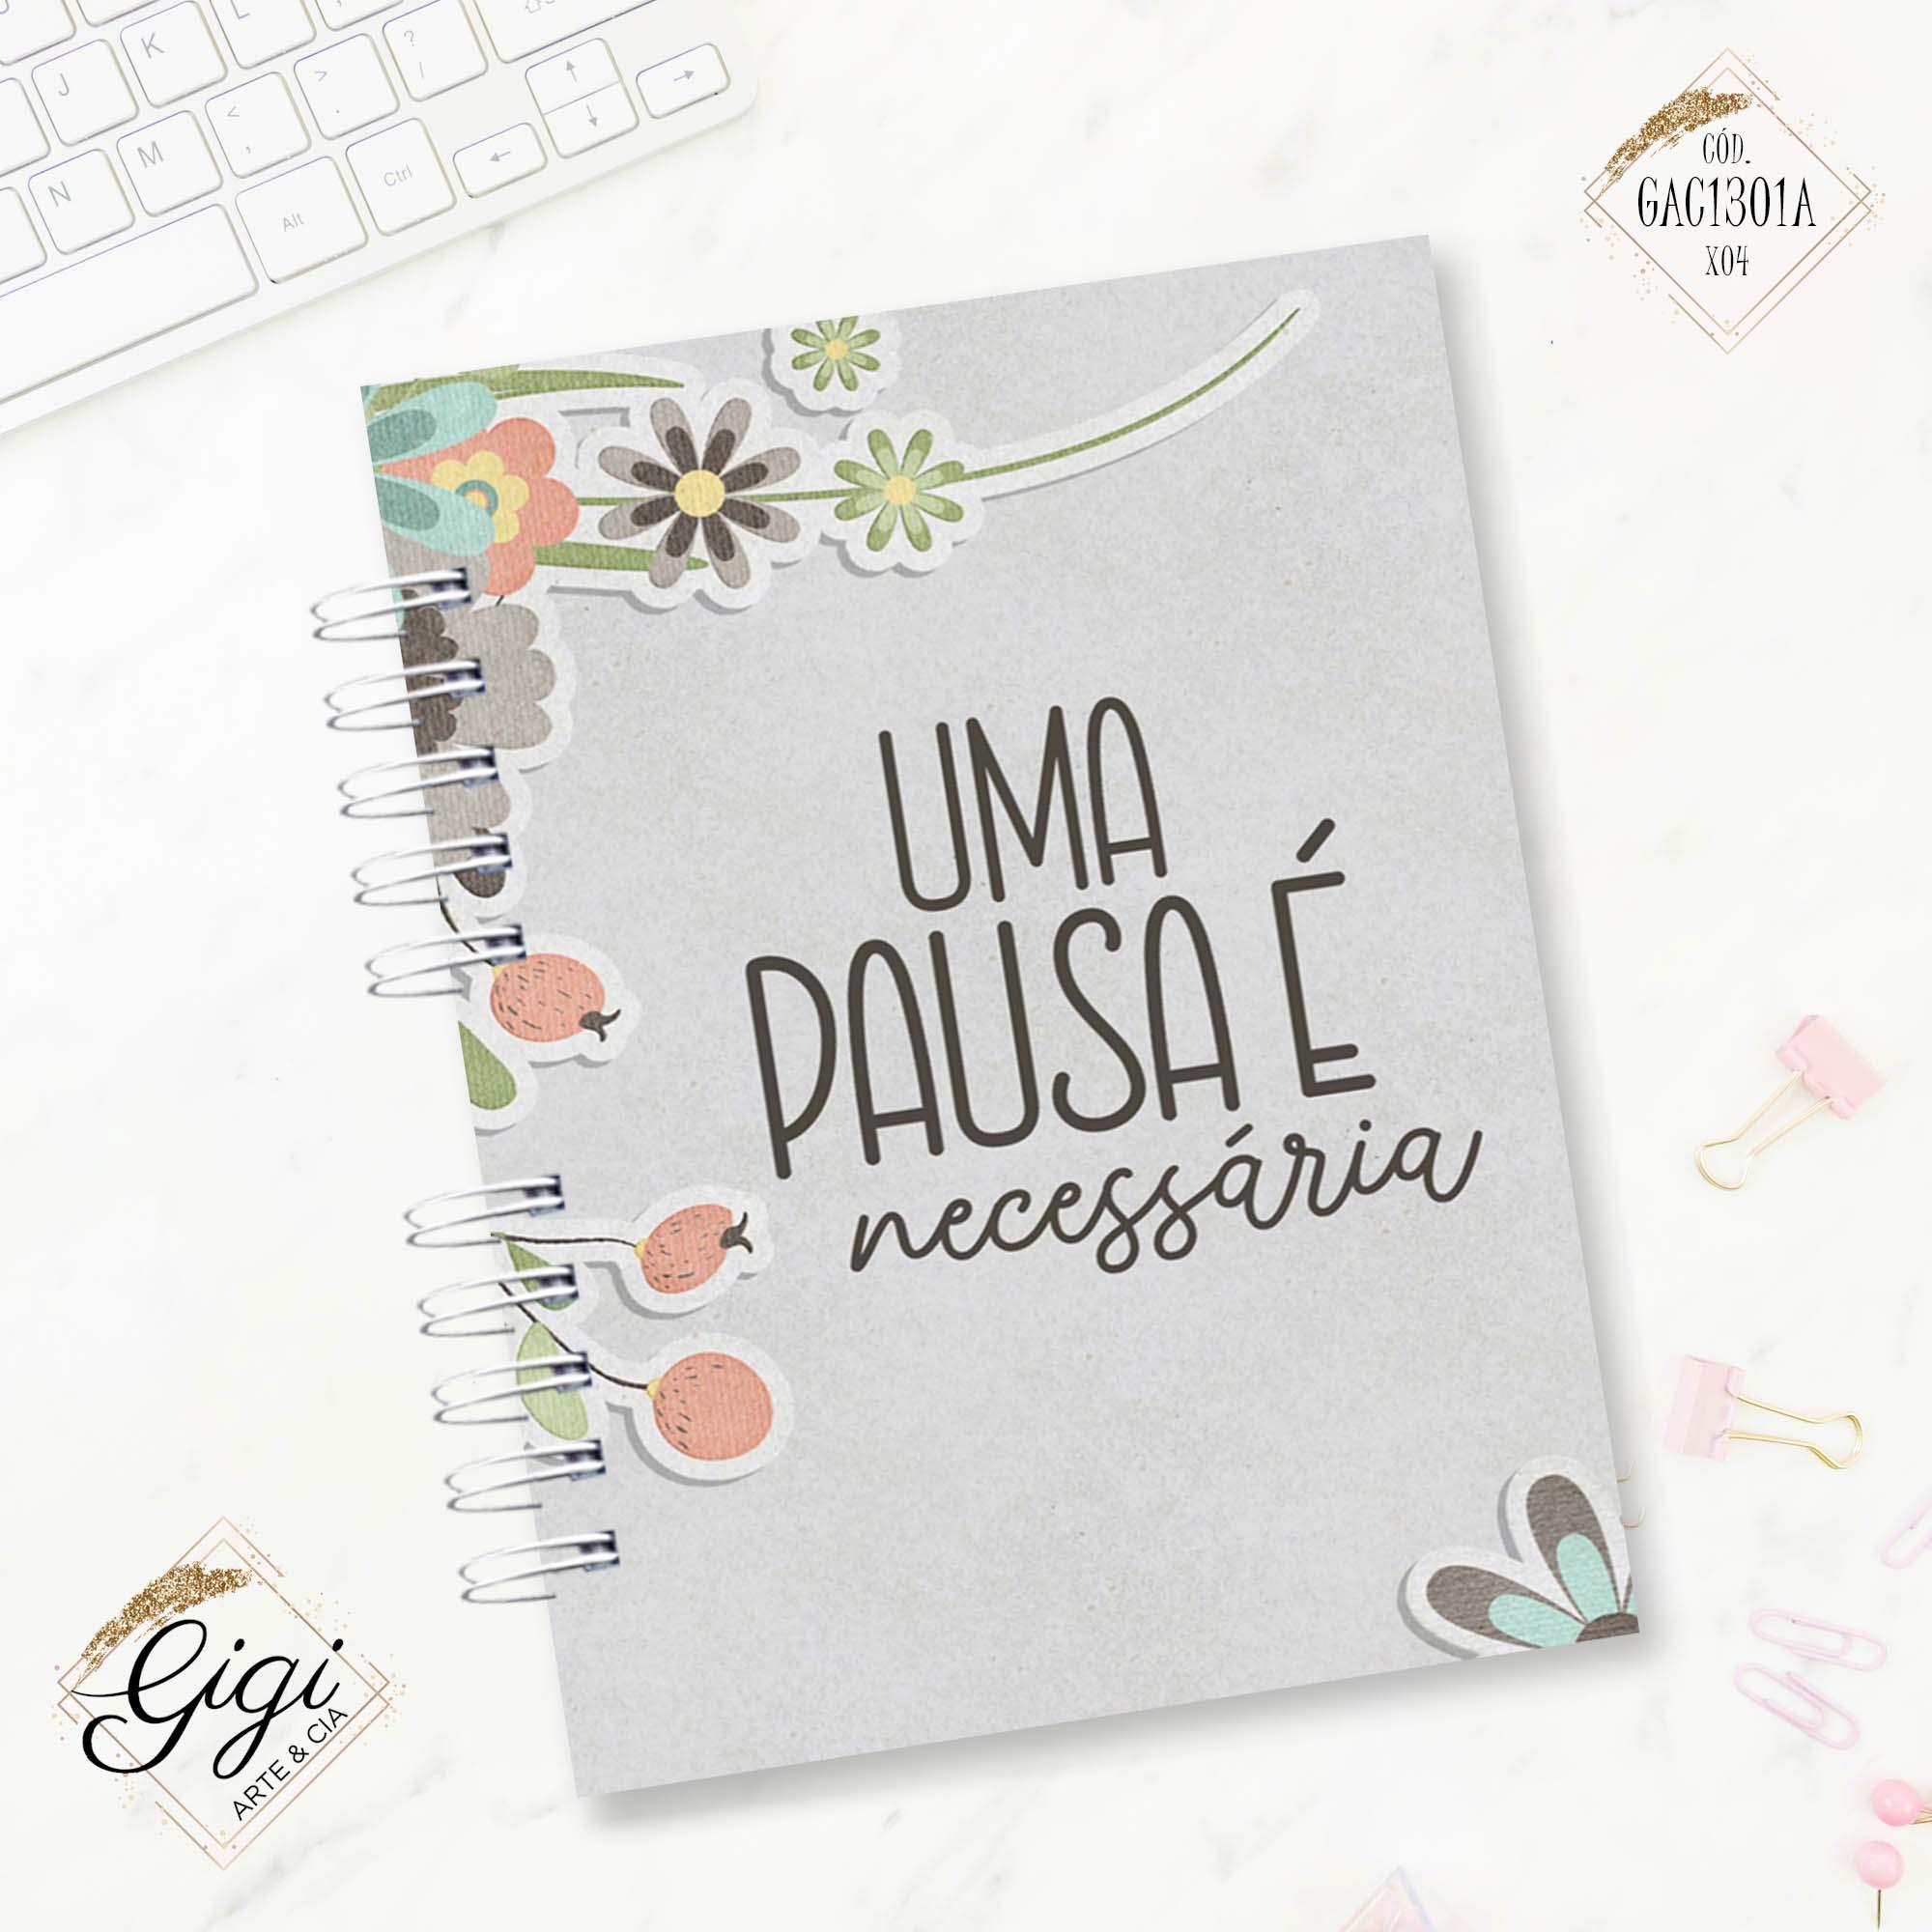 Agenda Permanente A5 - Pausa Necessária  - Gigi Arte e Cia